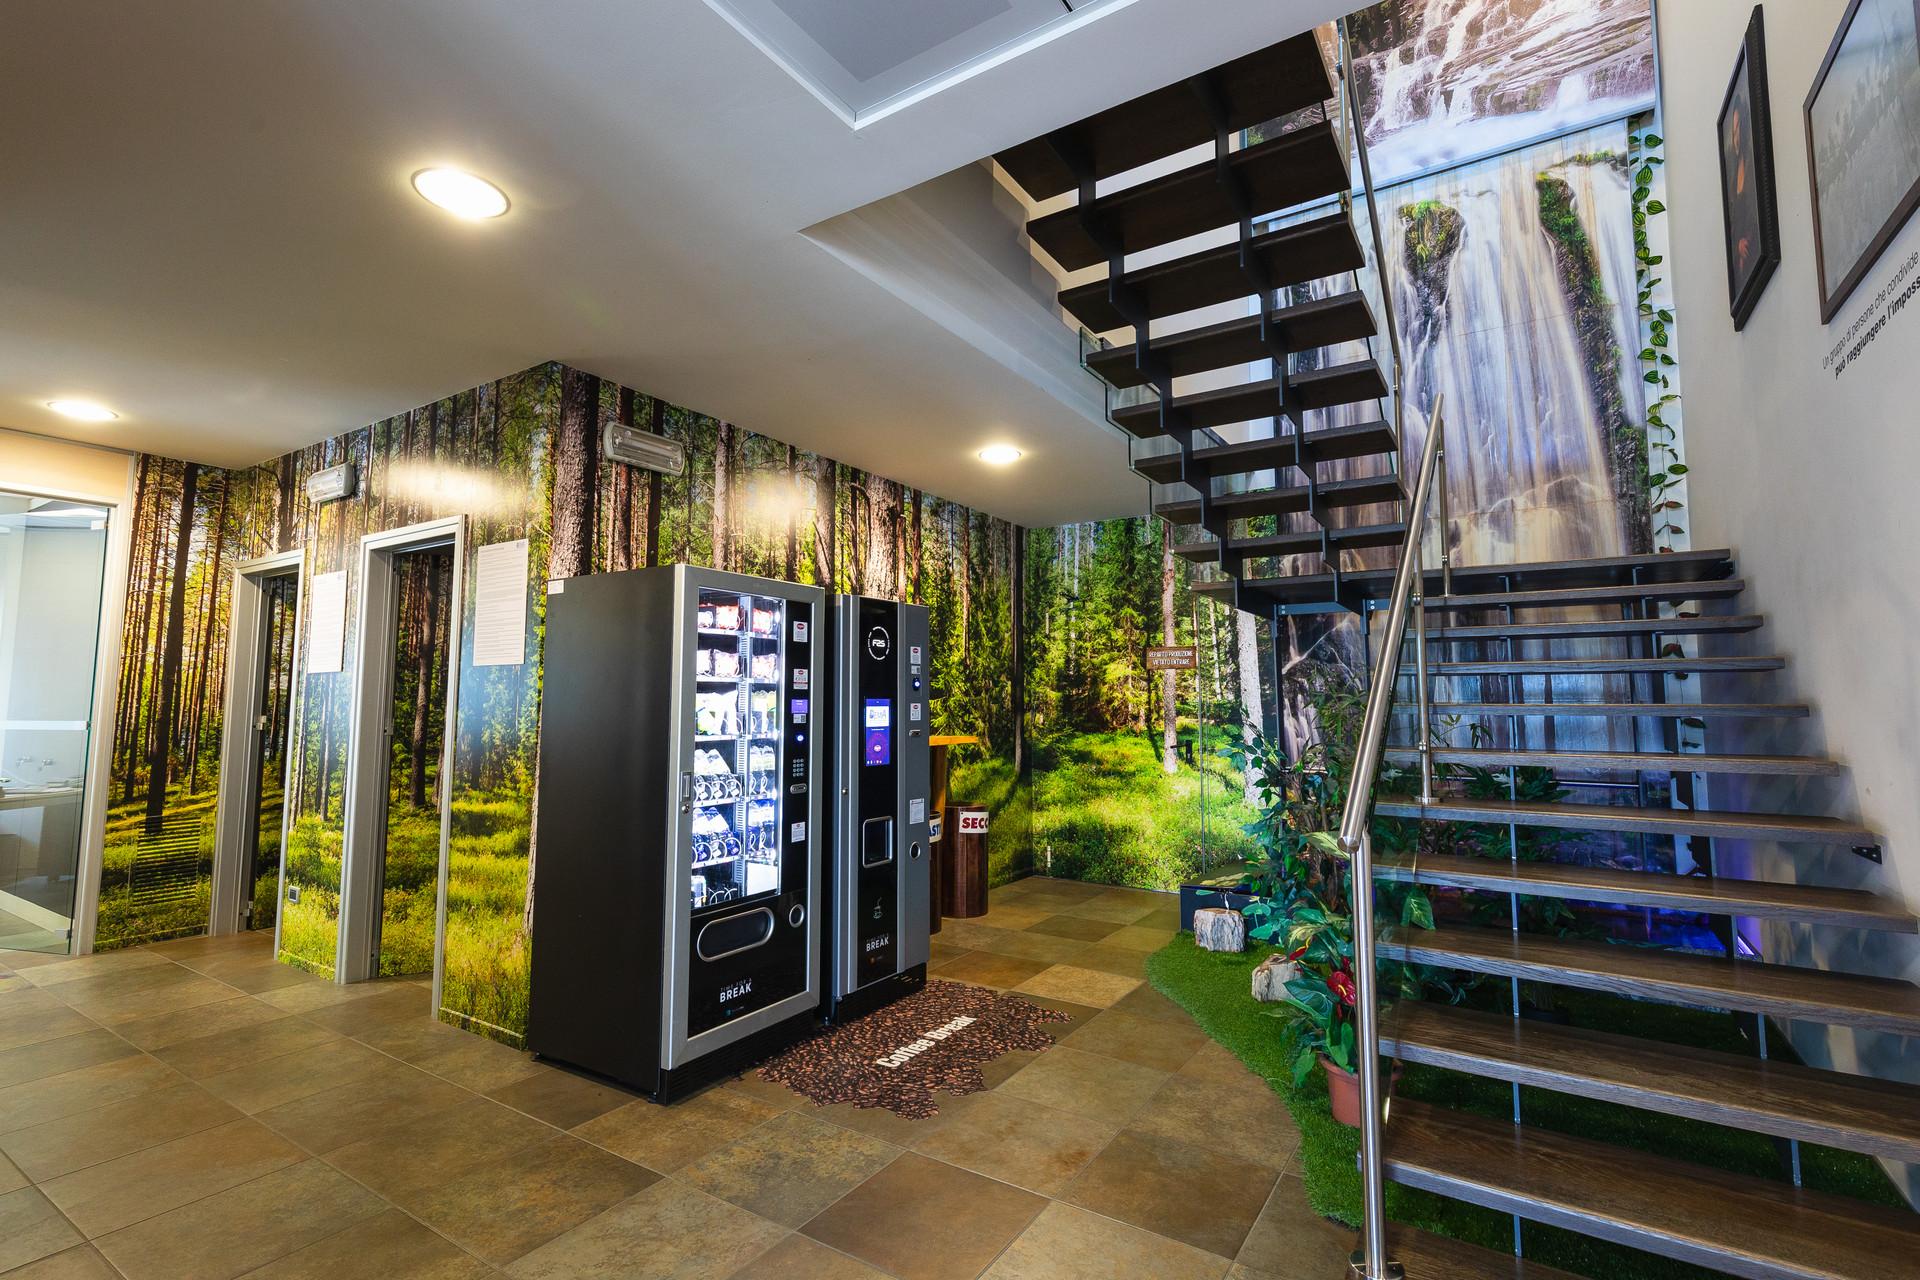 Decorazione integrale delle pareti e cascata per rendere unici i tuoi ambienti!